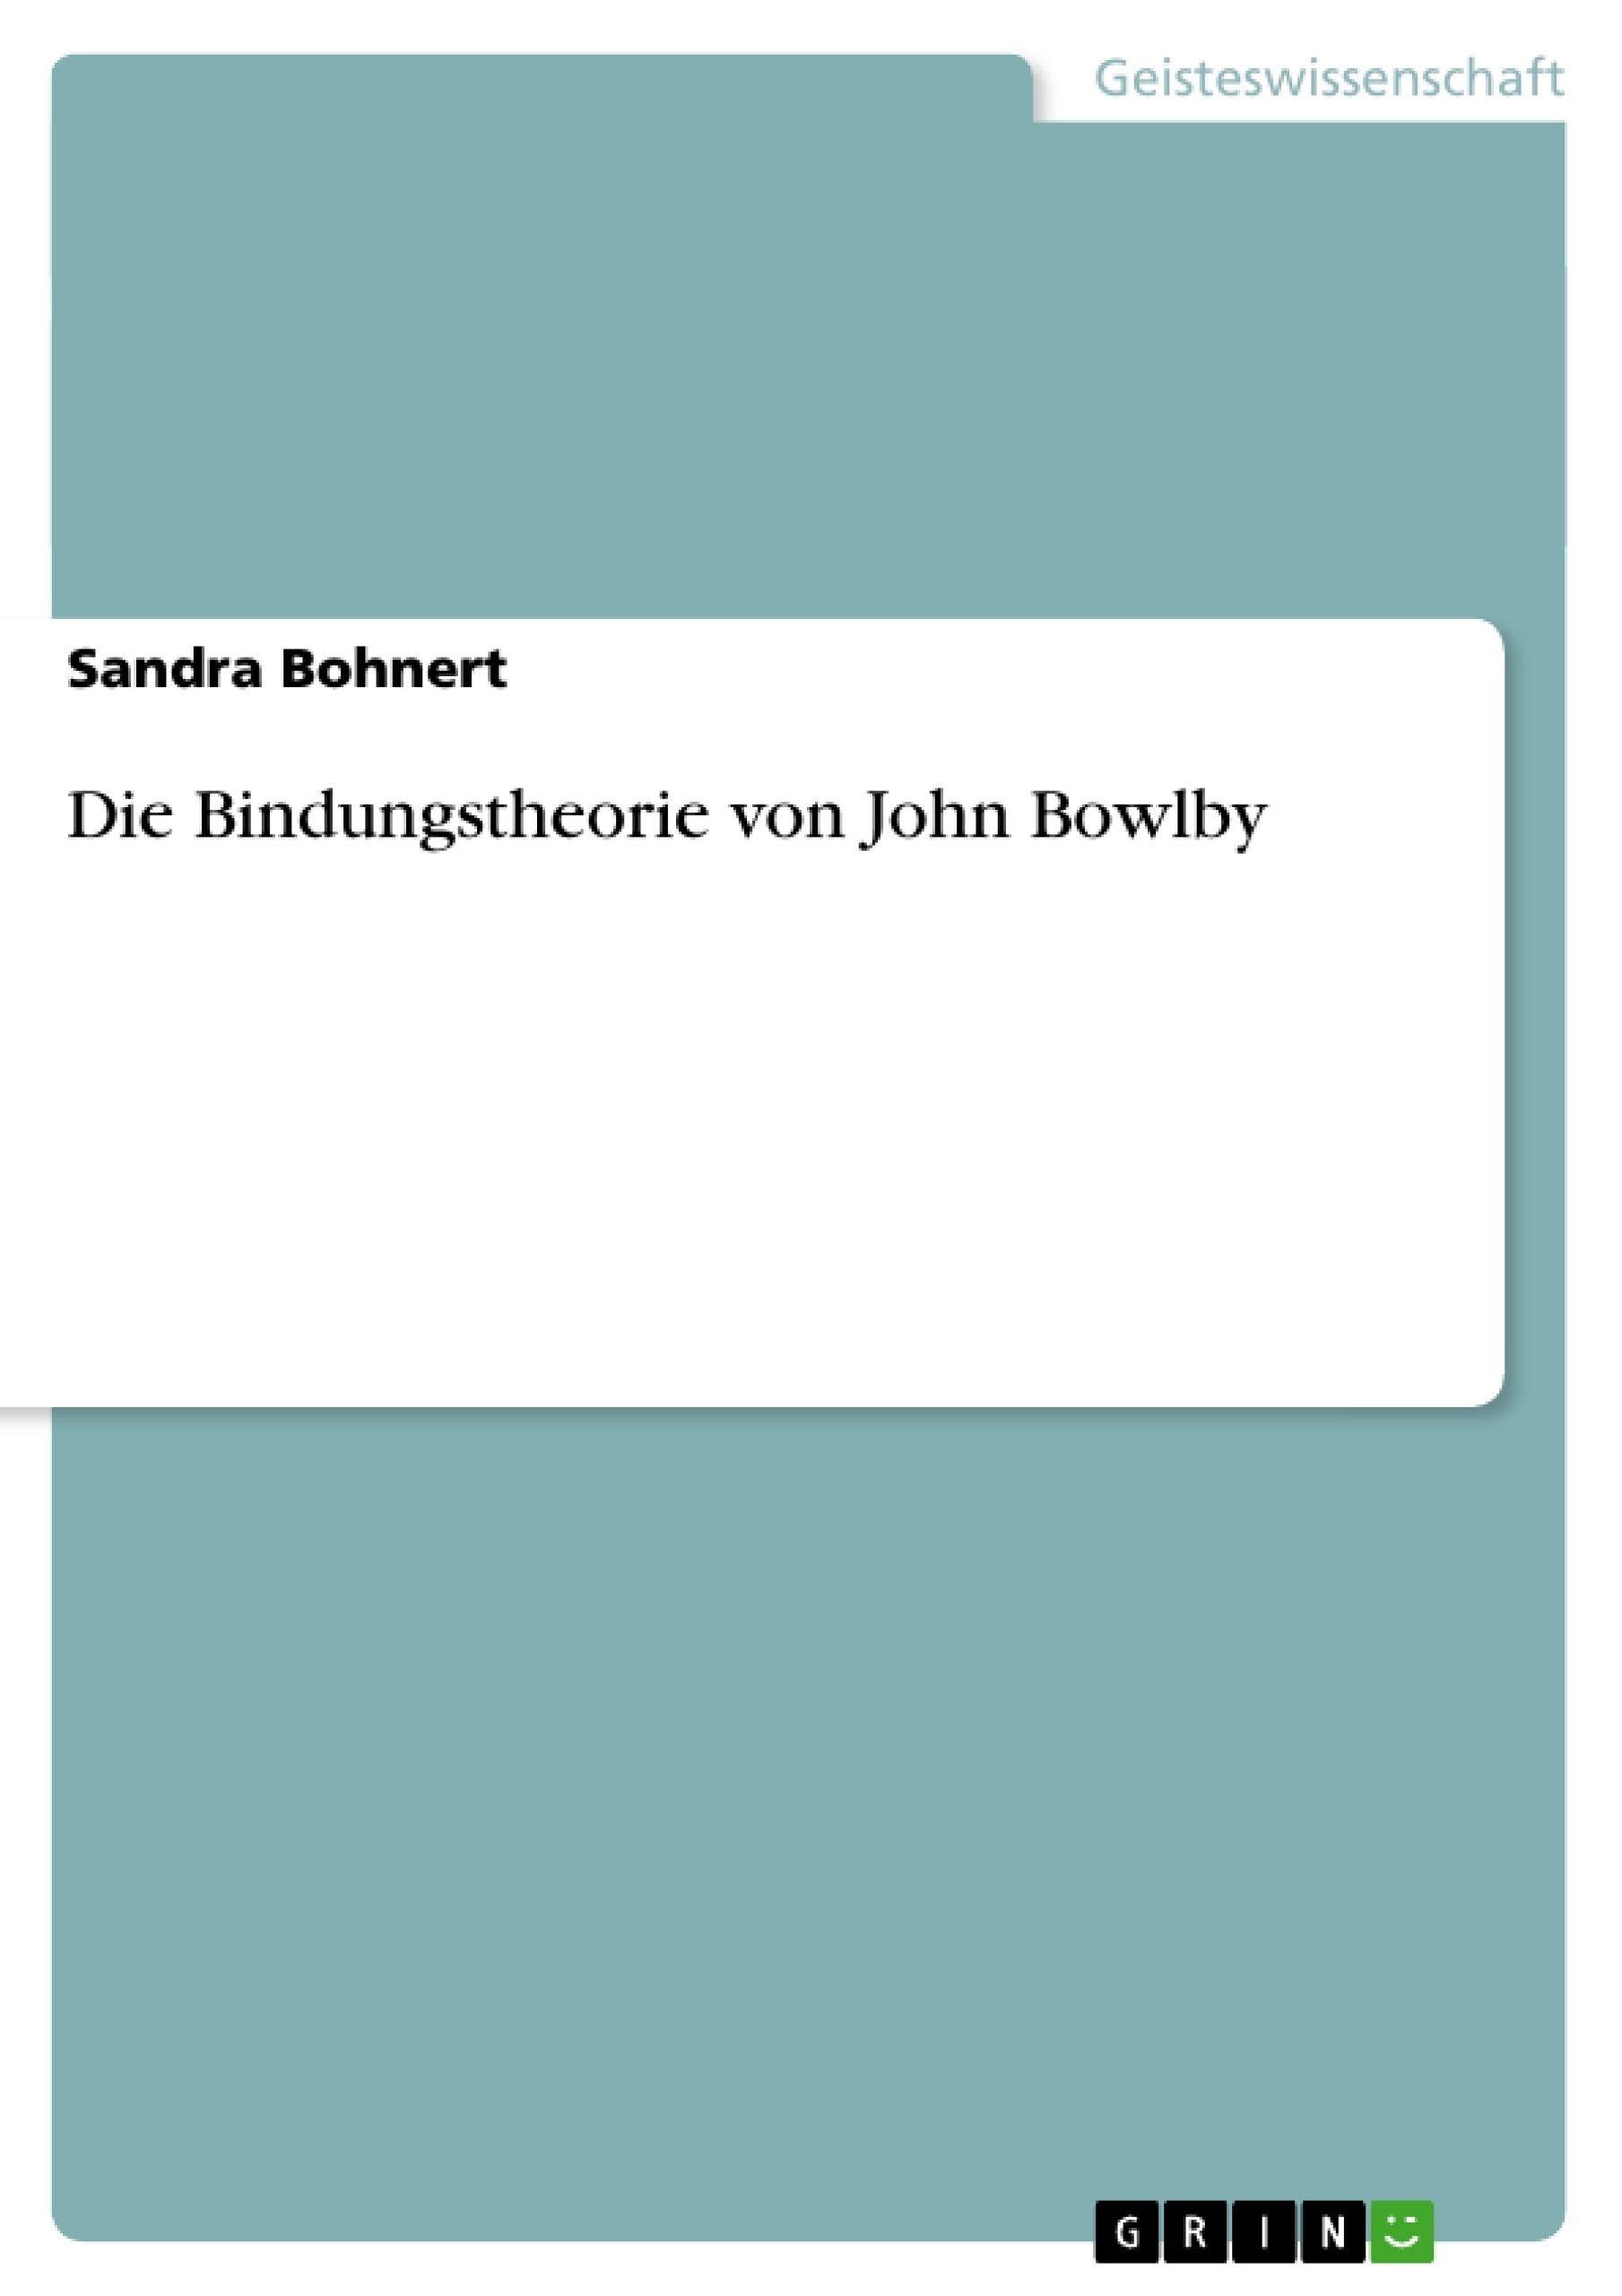 Titel: Die Bindungstheorie von John Bowlby